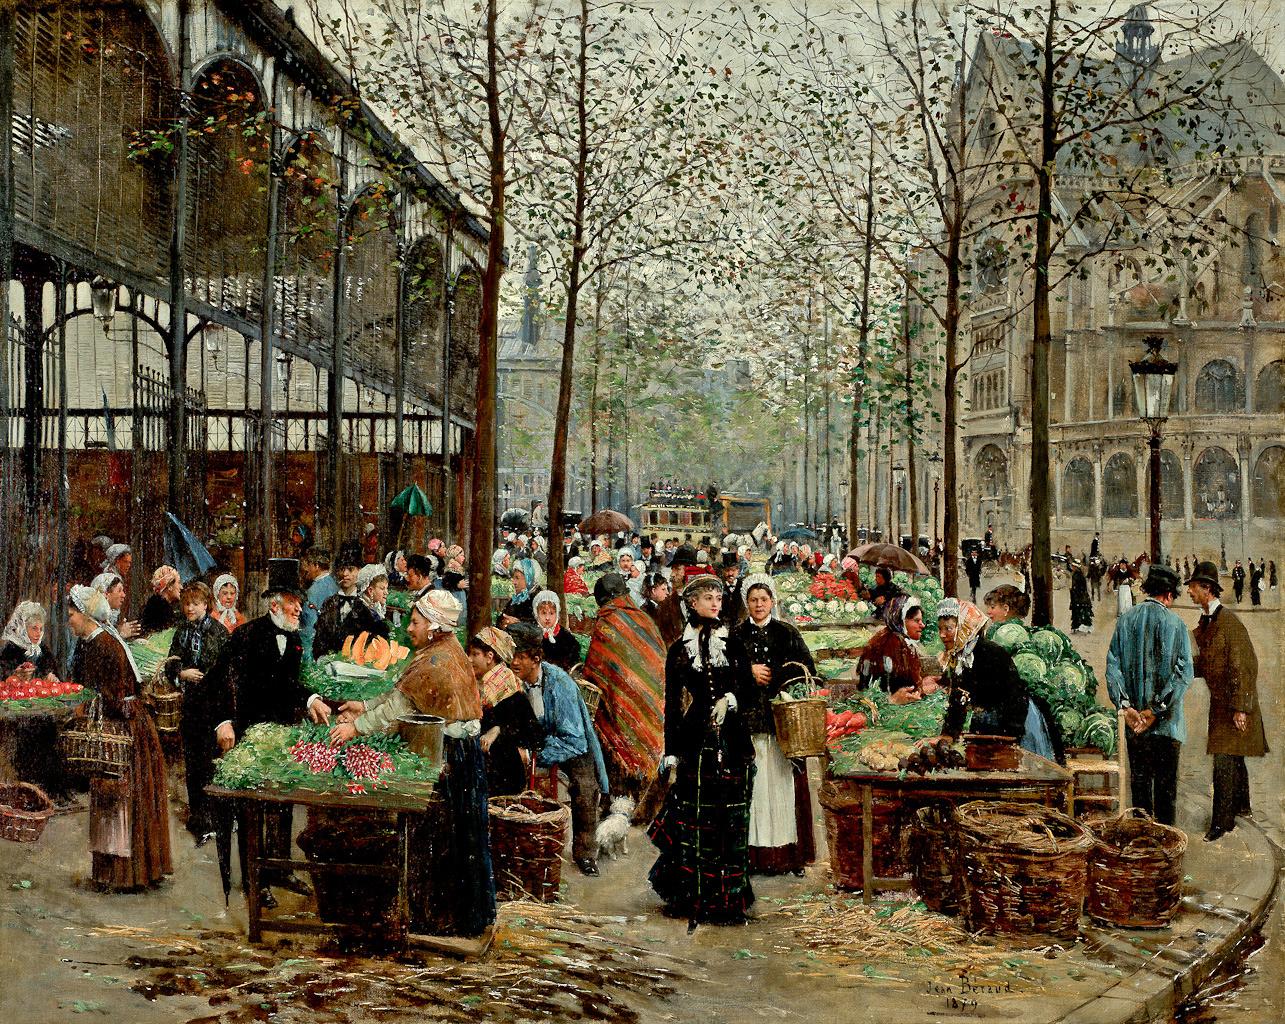 Peinture Française du 19ème Siècle: Les Halles (1879)